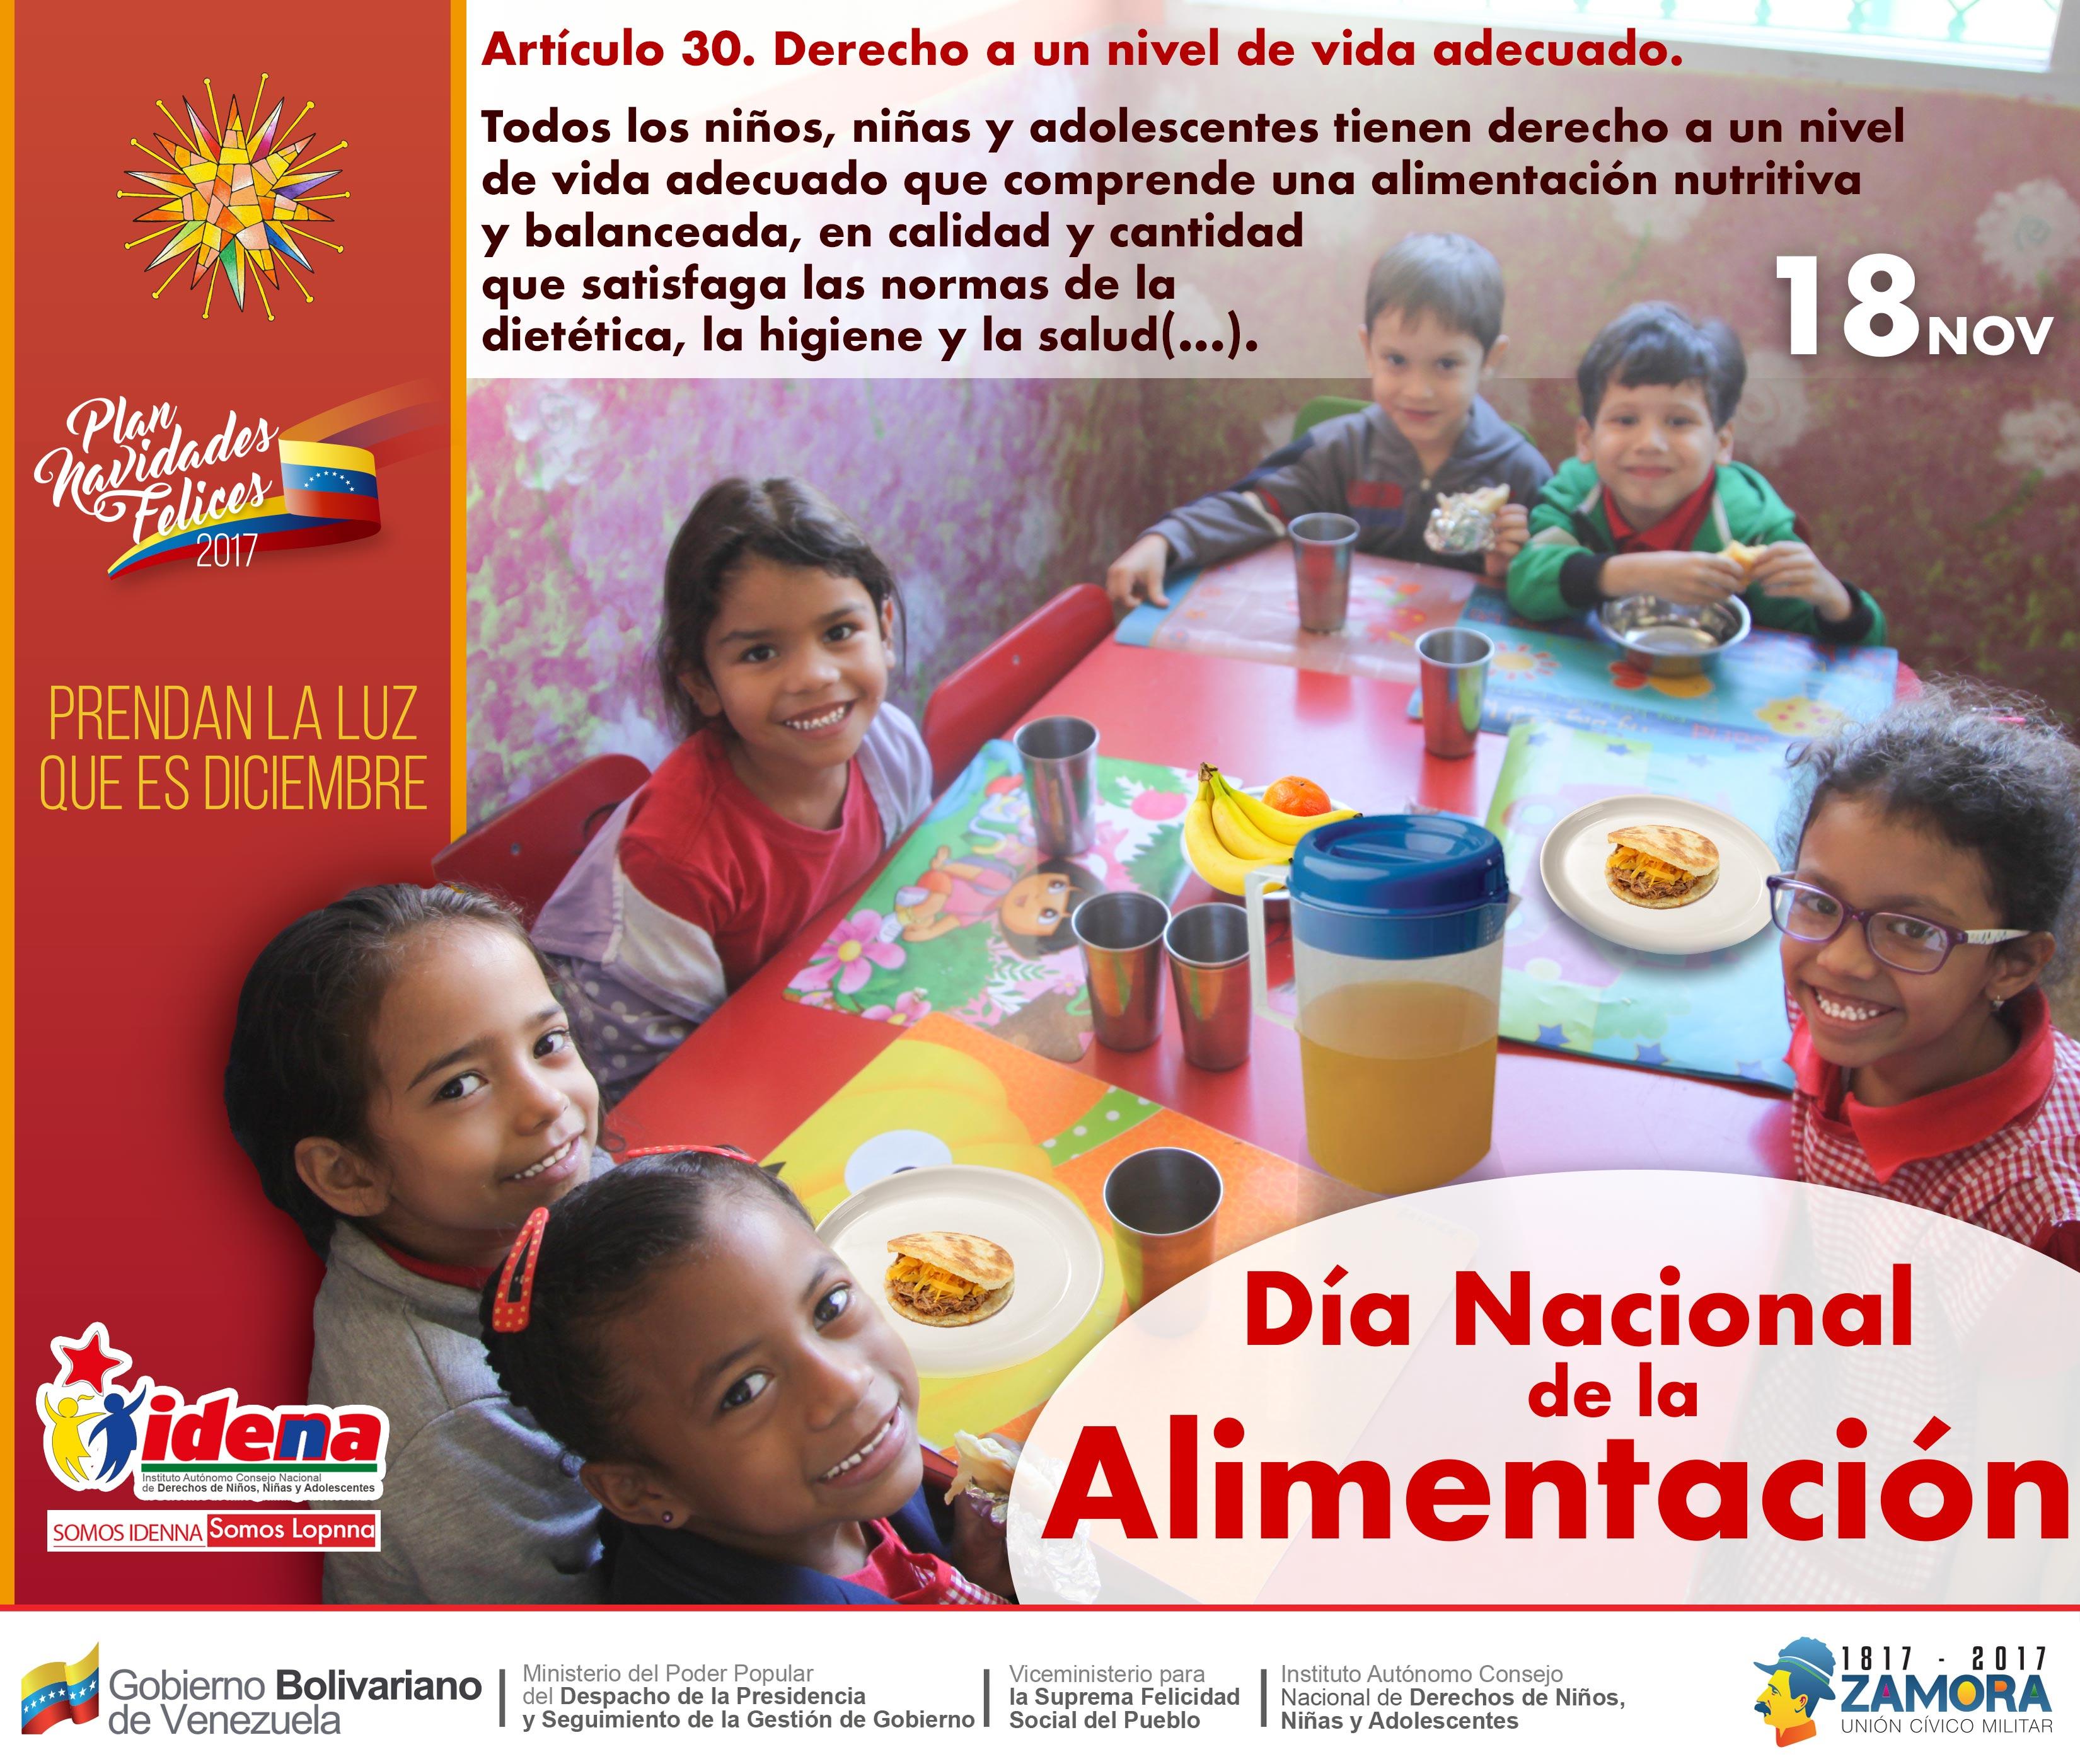 Dia Nacional de la Alimentación